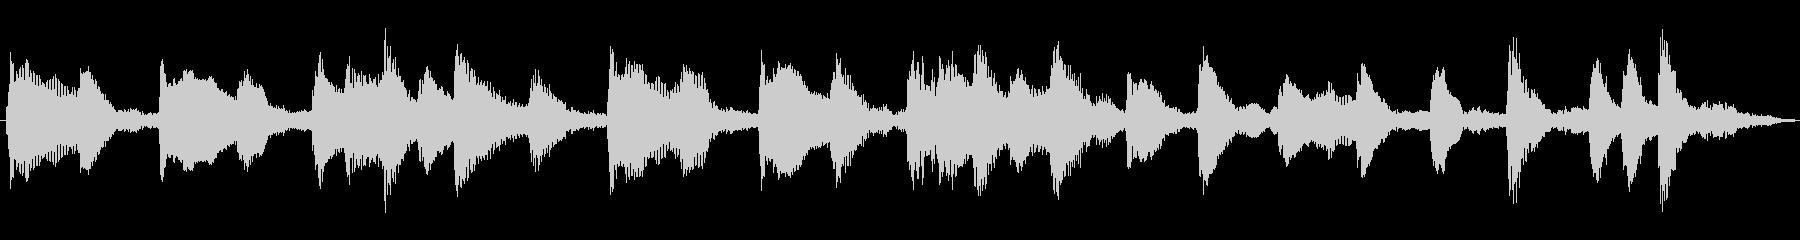 赤ちゃんが遊ぶほのぼのCM向けピアノ曲の未再生の波形